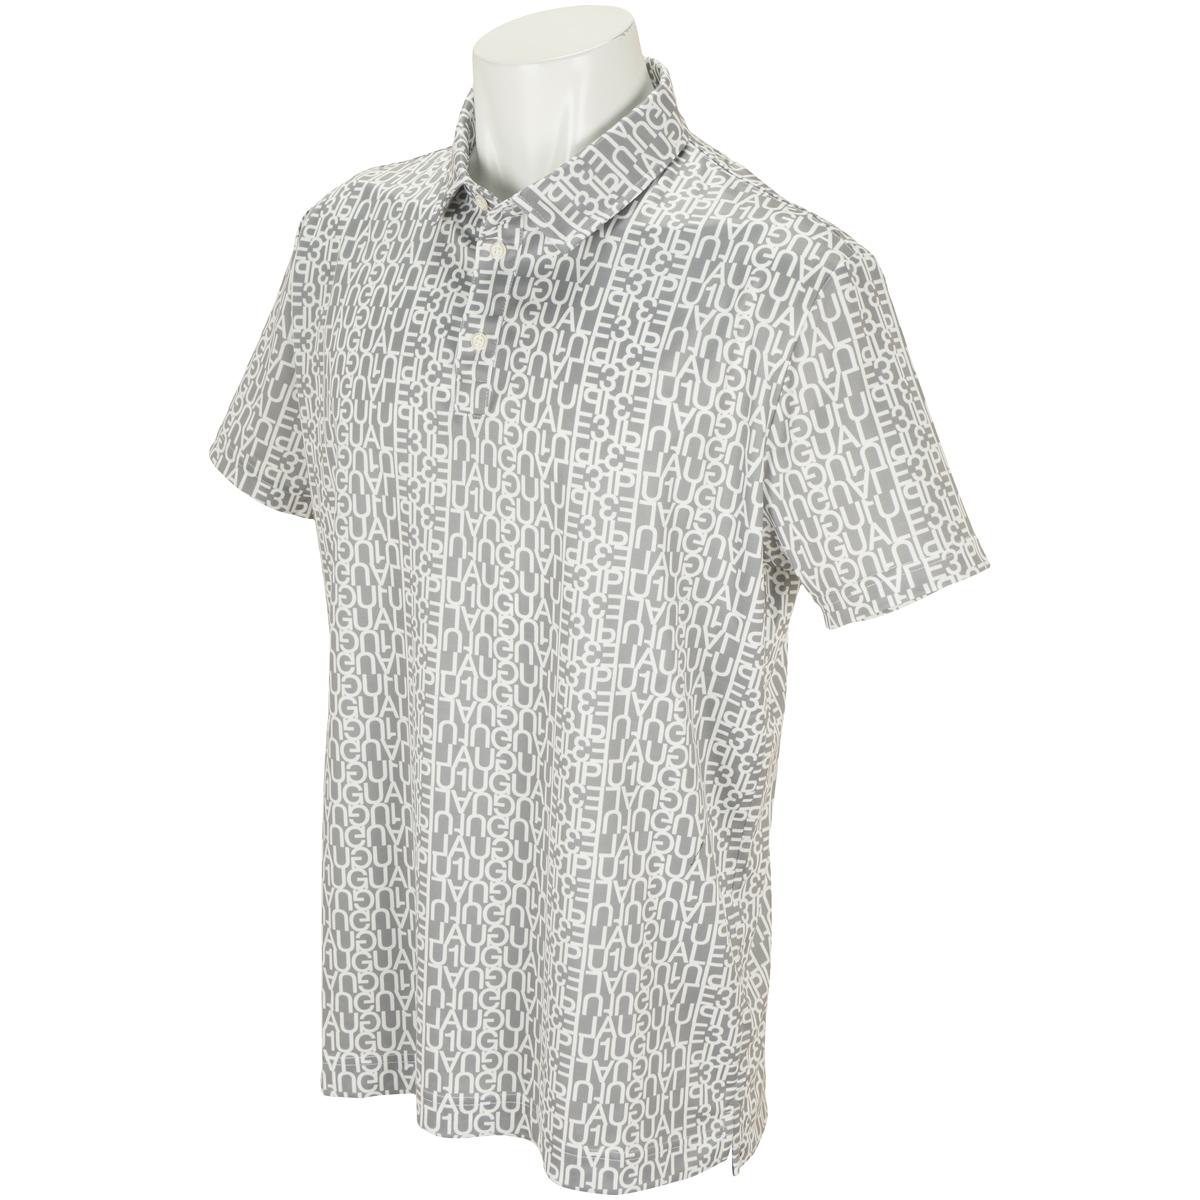 ロゴ総柄 半袖ポロシャツ